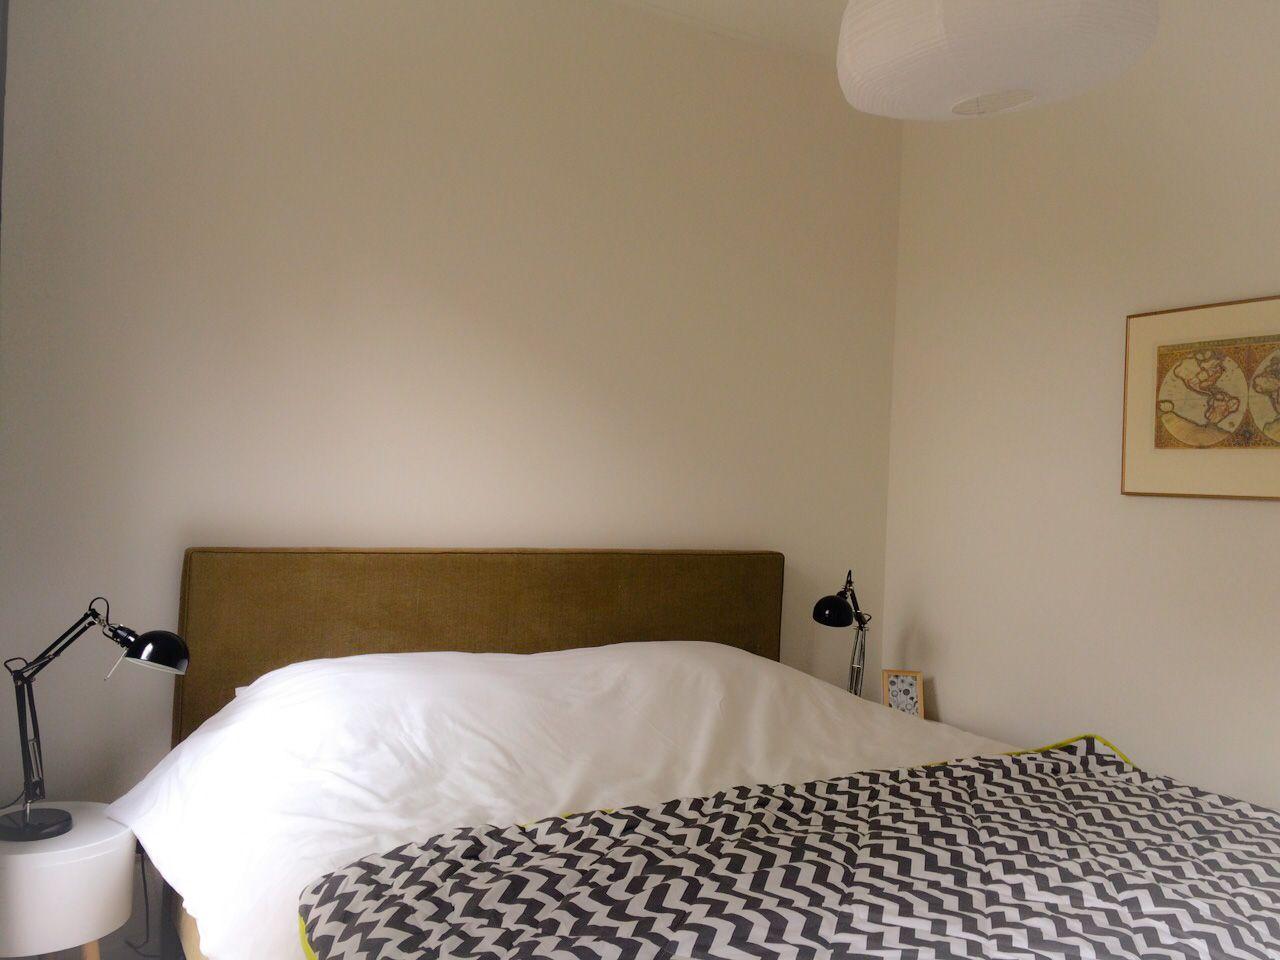 Oosterse Lampen Leenbakker : Lampen leenbakker beautiful leen bakker kinder slaapkamer in luxe